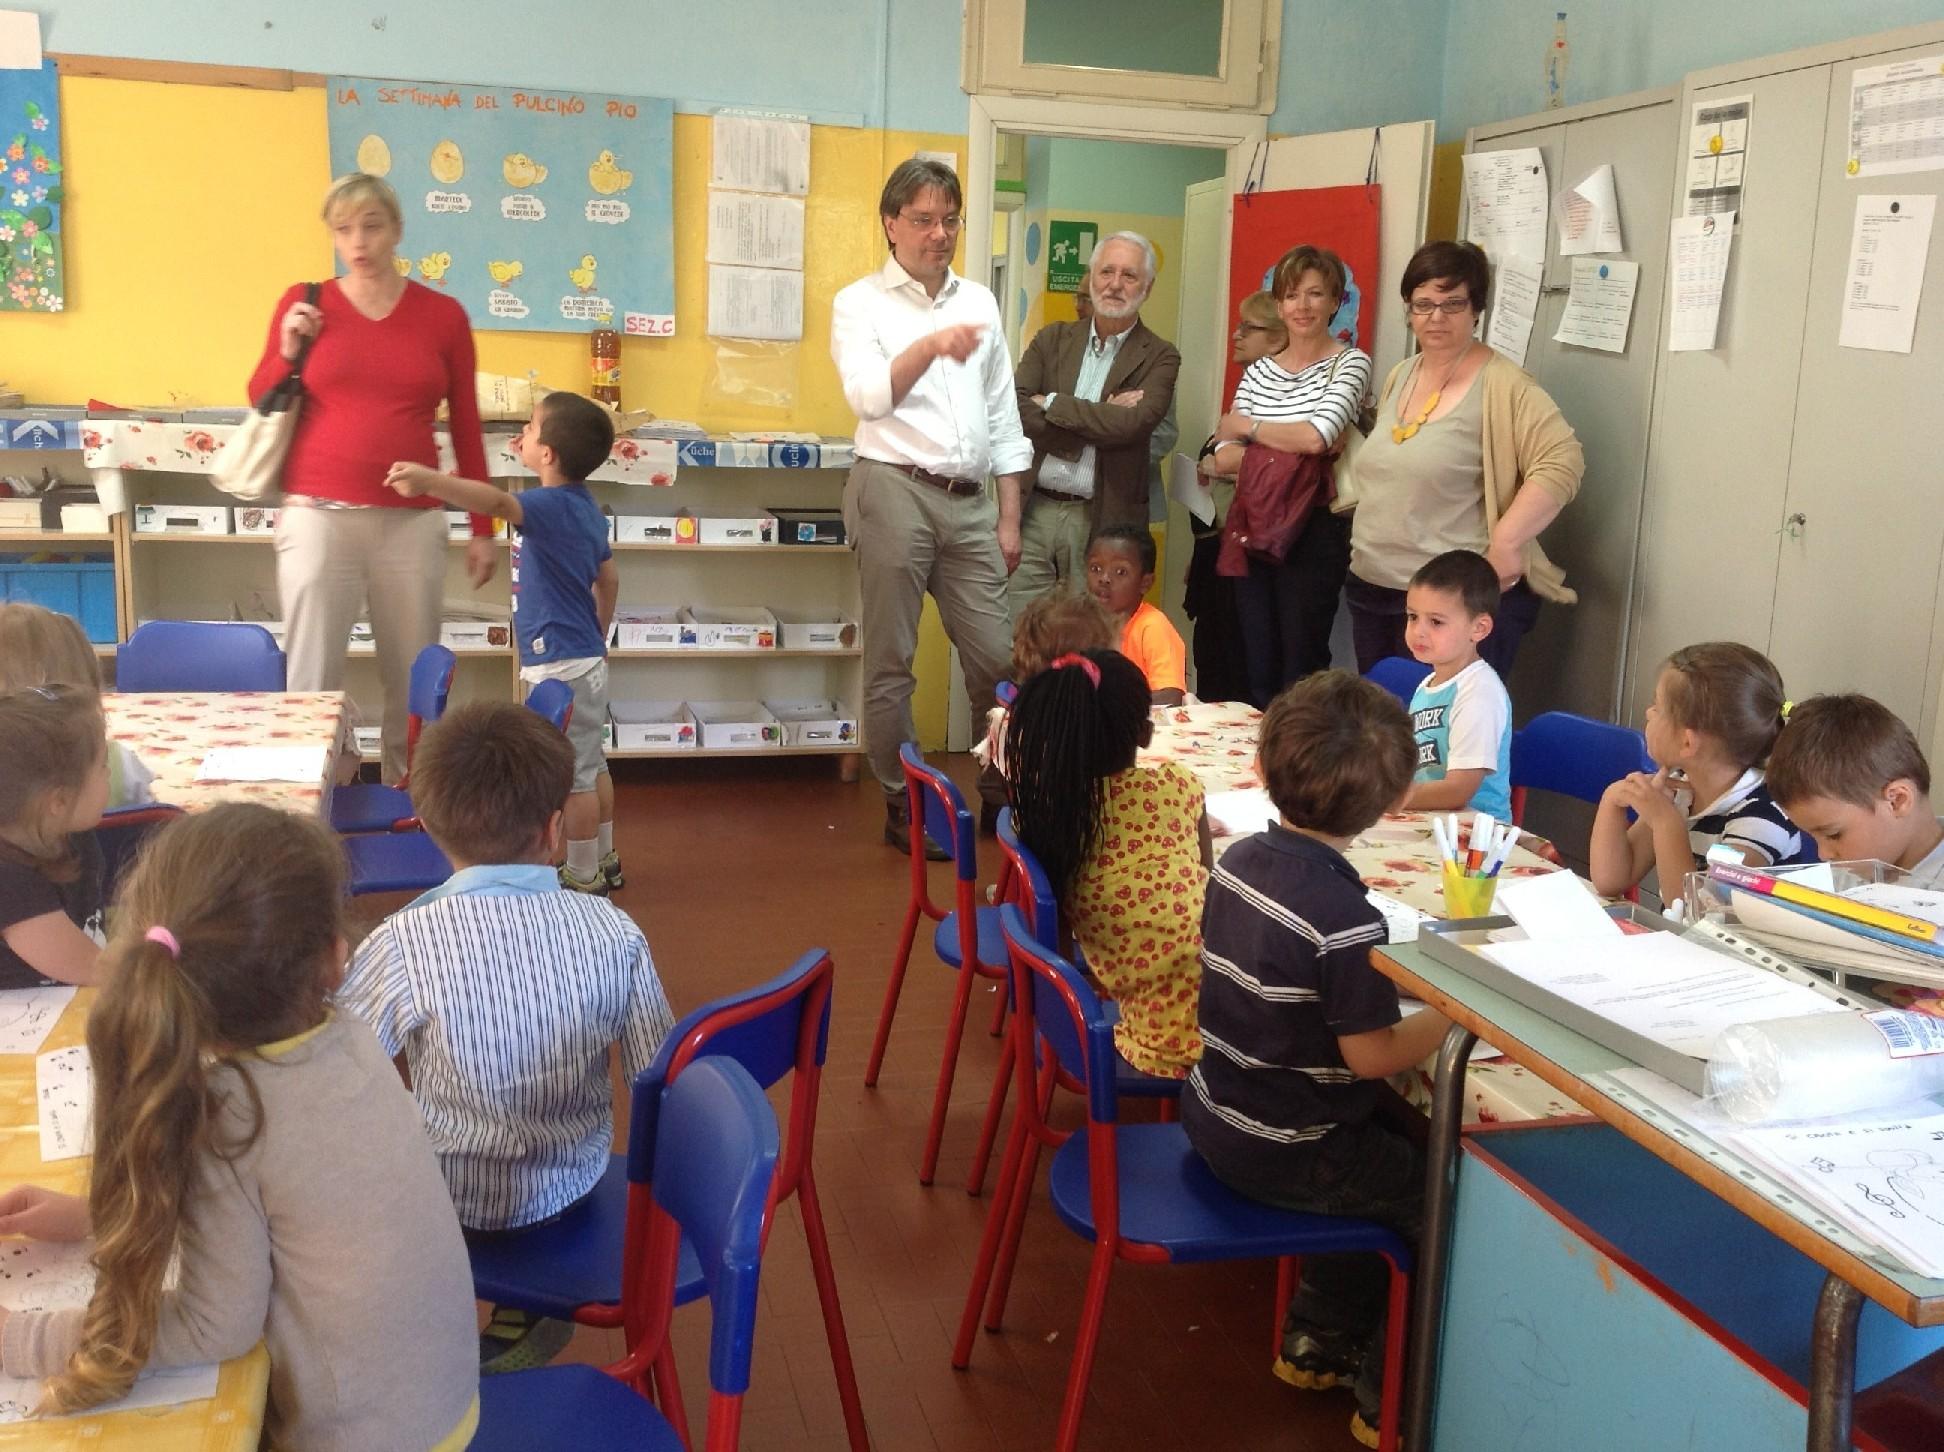 Le scuole di Asti tra le migliori d'Italia secondo Ecosistema Scuola